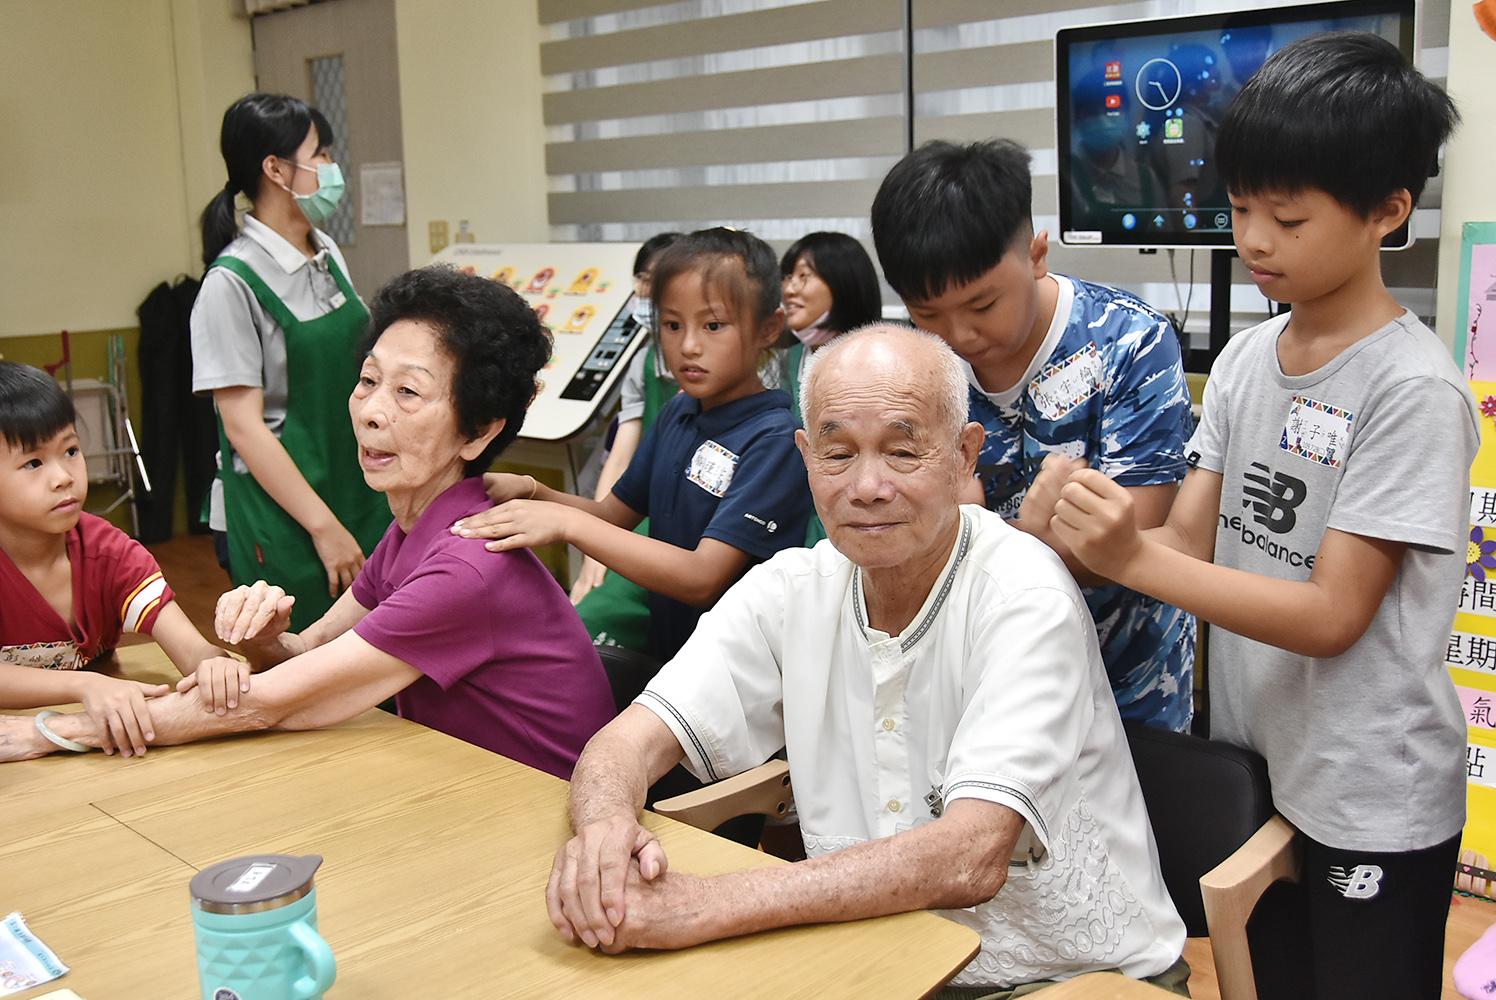 活動空檔安排小朋友幫瑞智憶學苑的阿公阿嬤按摩。